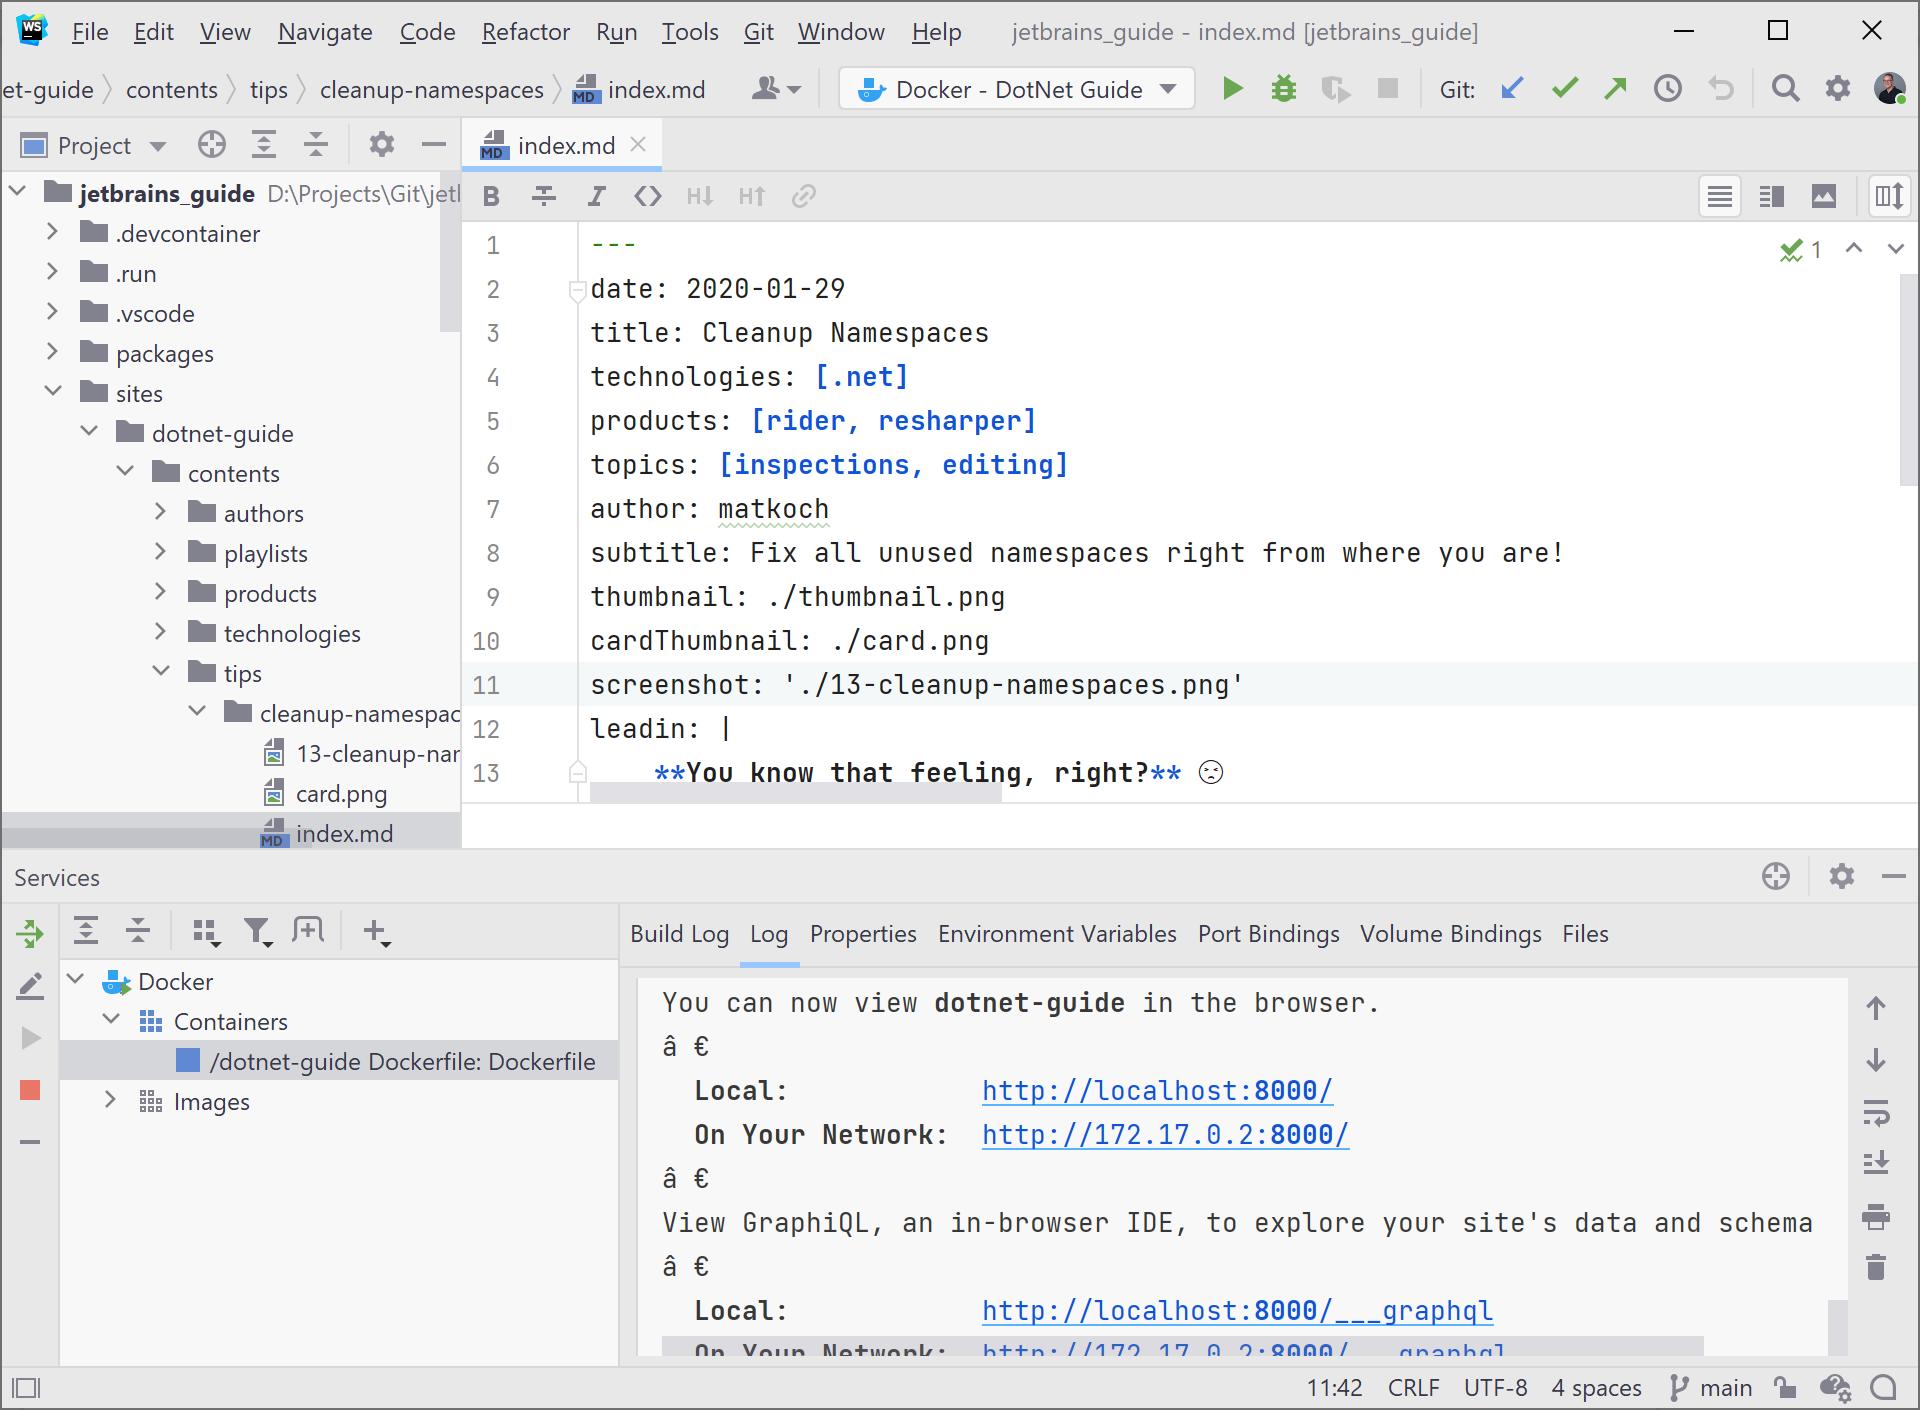 JetBrains Guide, Docker, and WebStorm